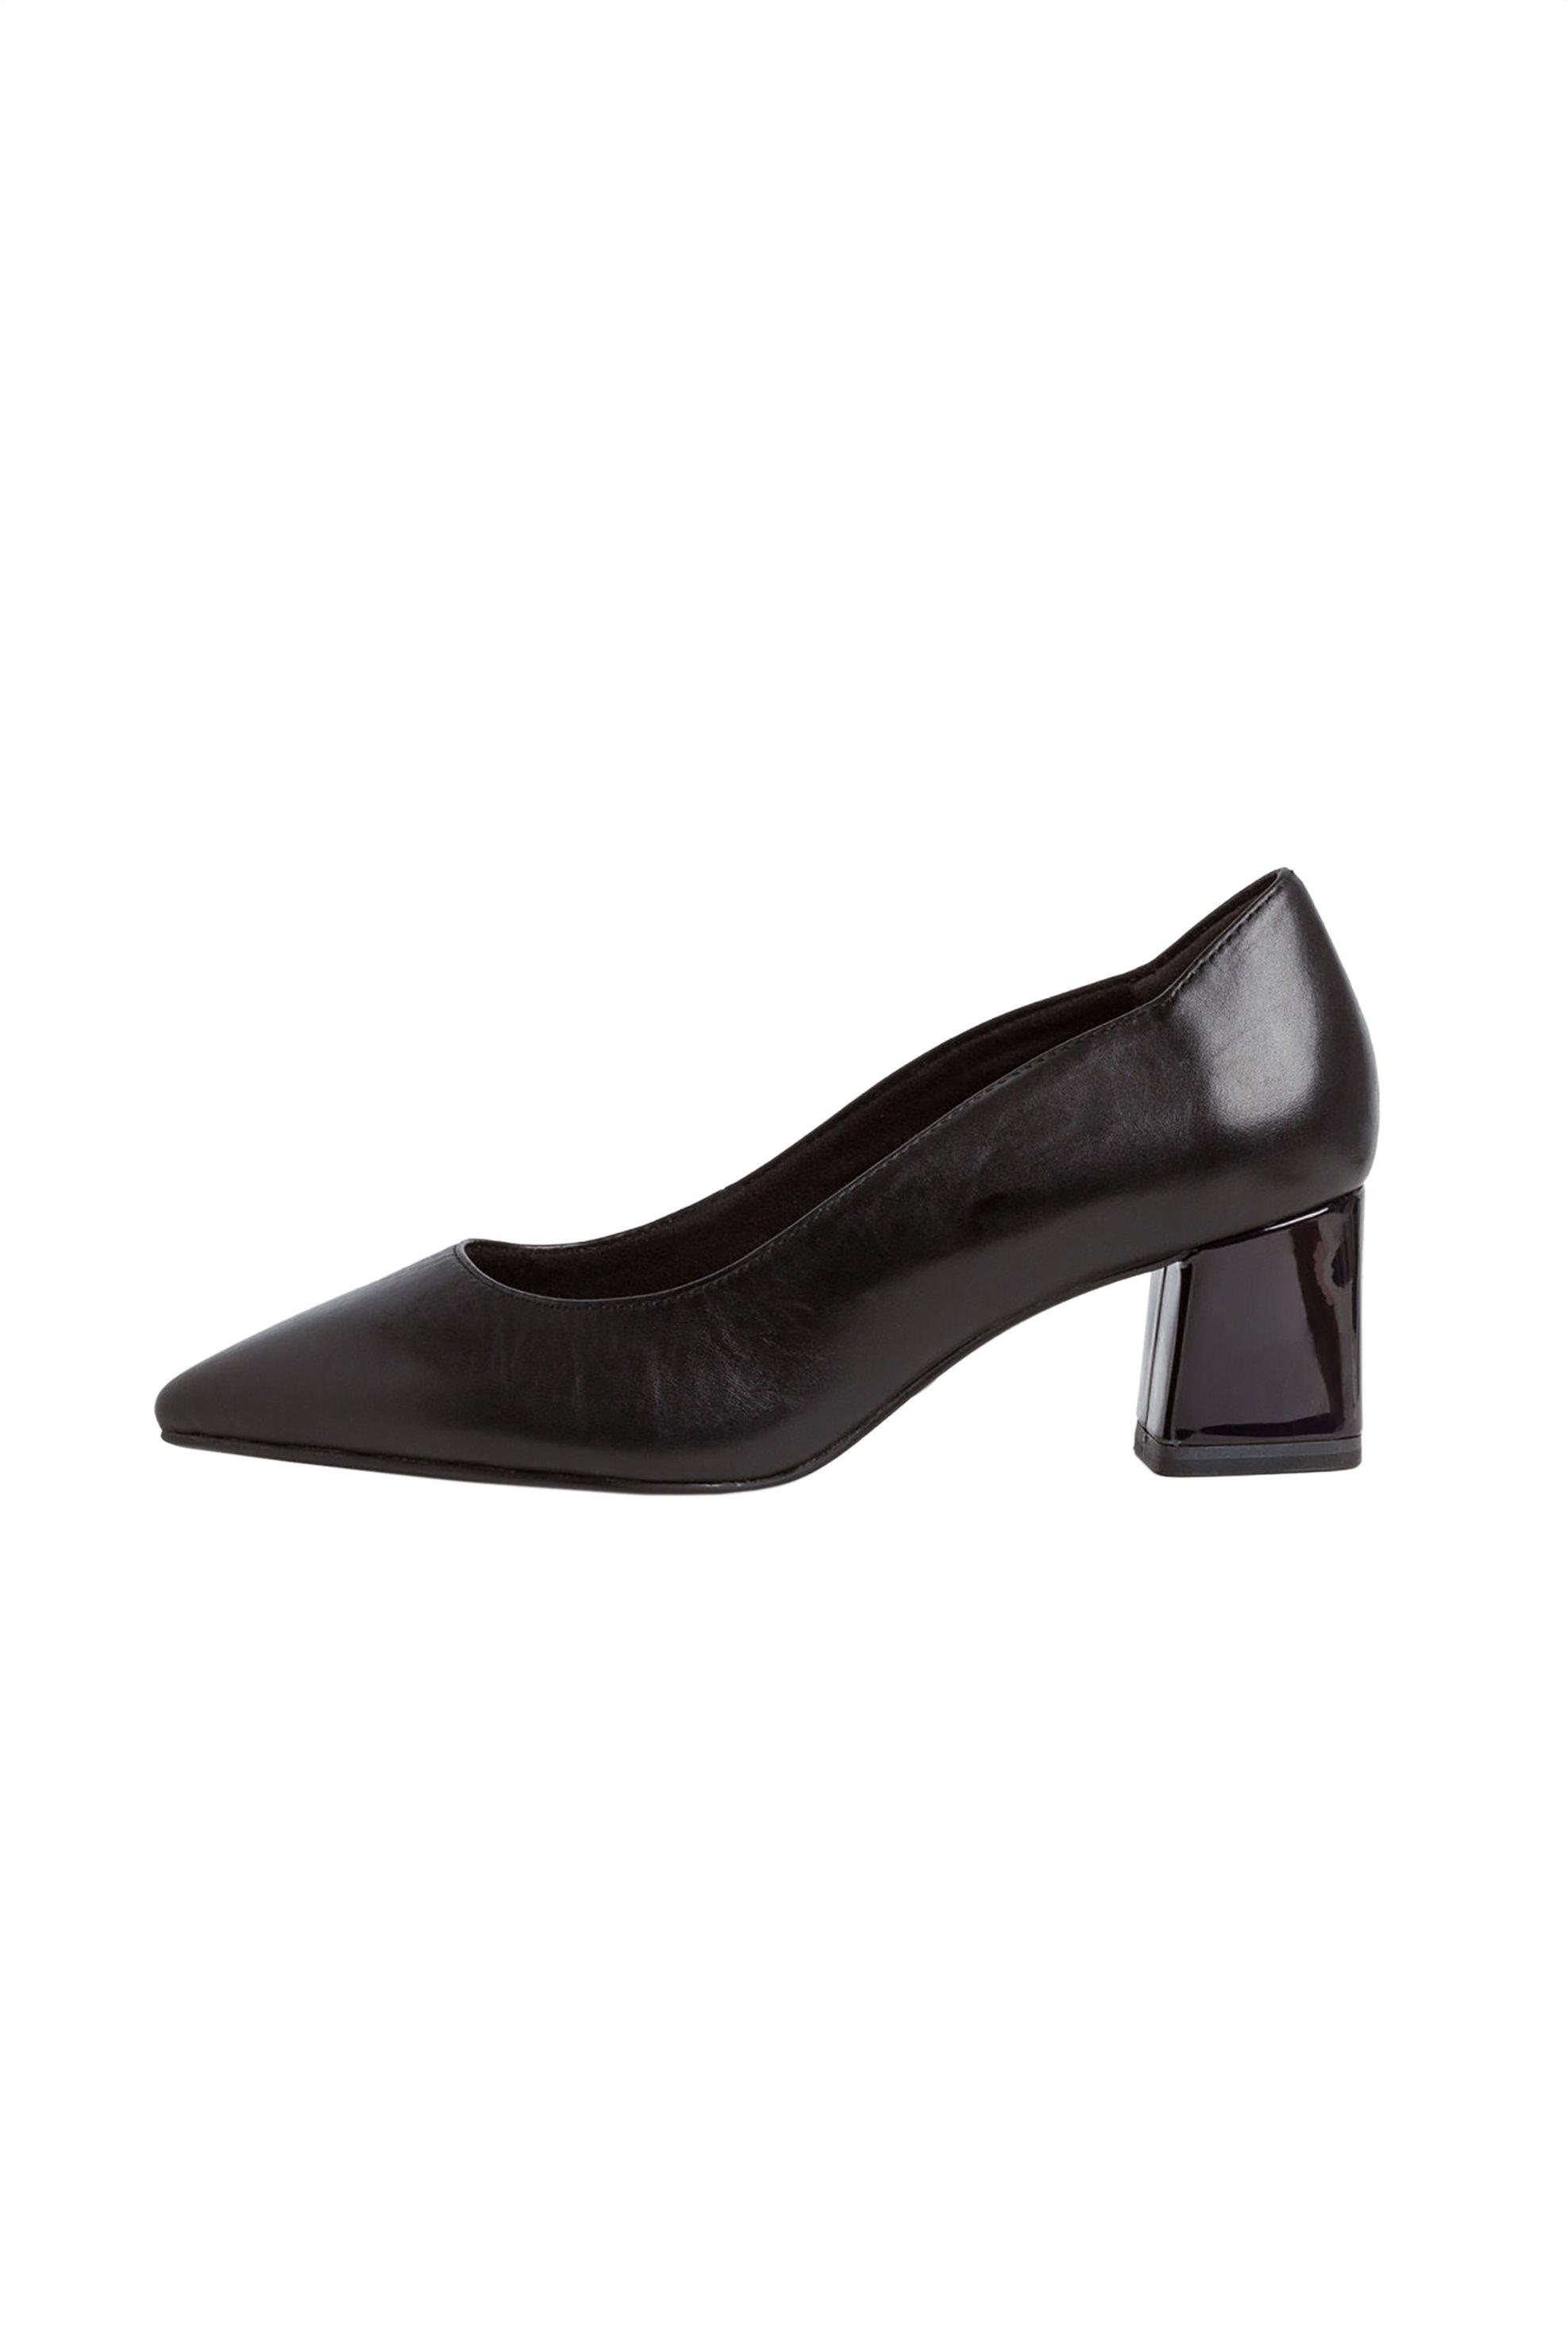 Tamaris γυναικείες γόβες με χοντρό τακούνι – 1-1-22419-25 – Μαύρο